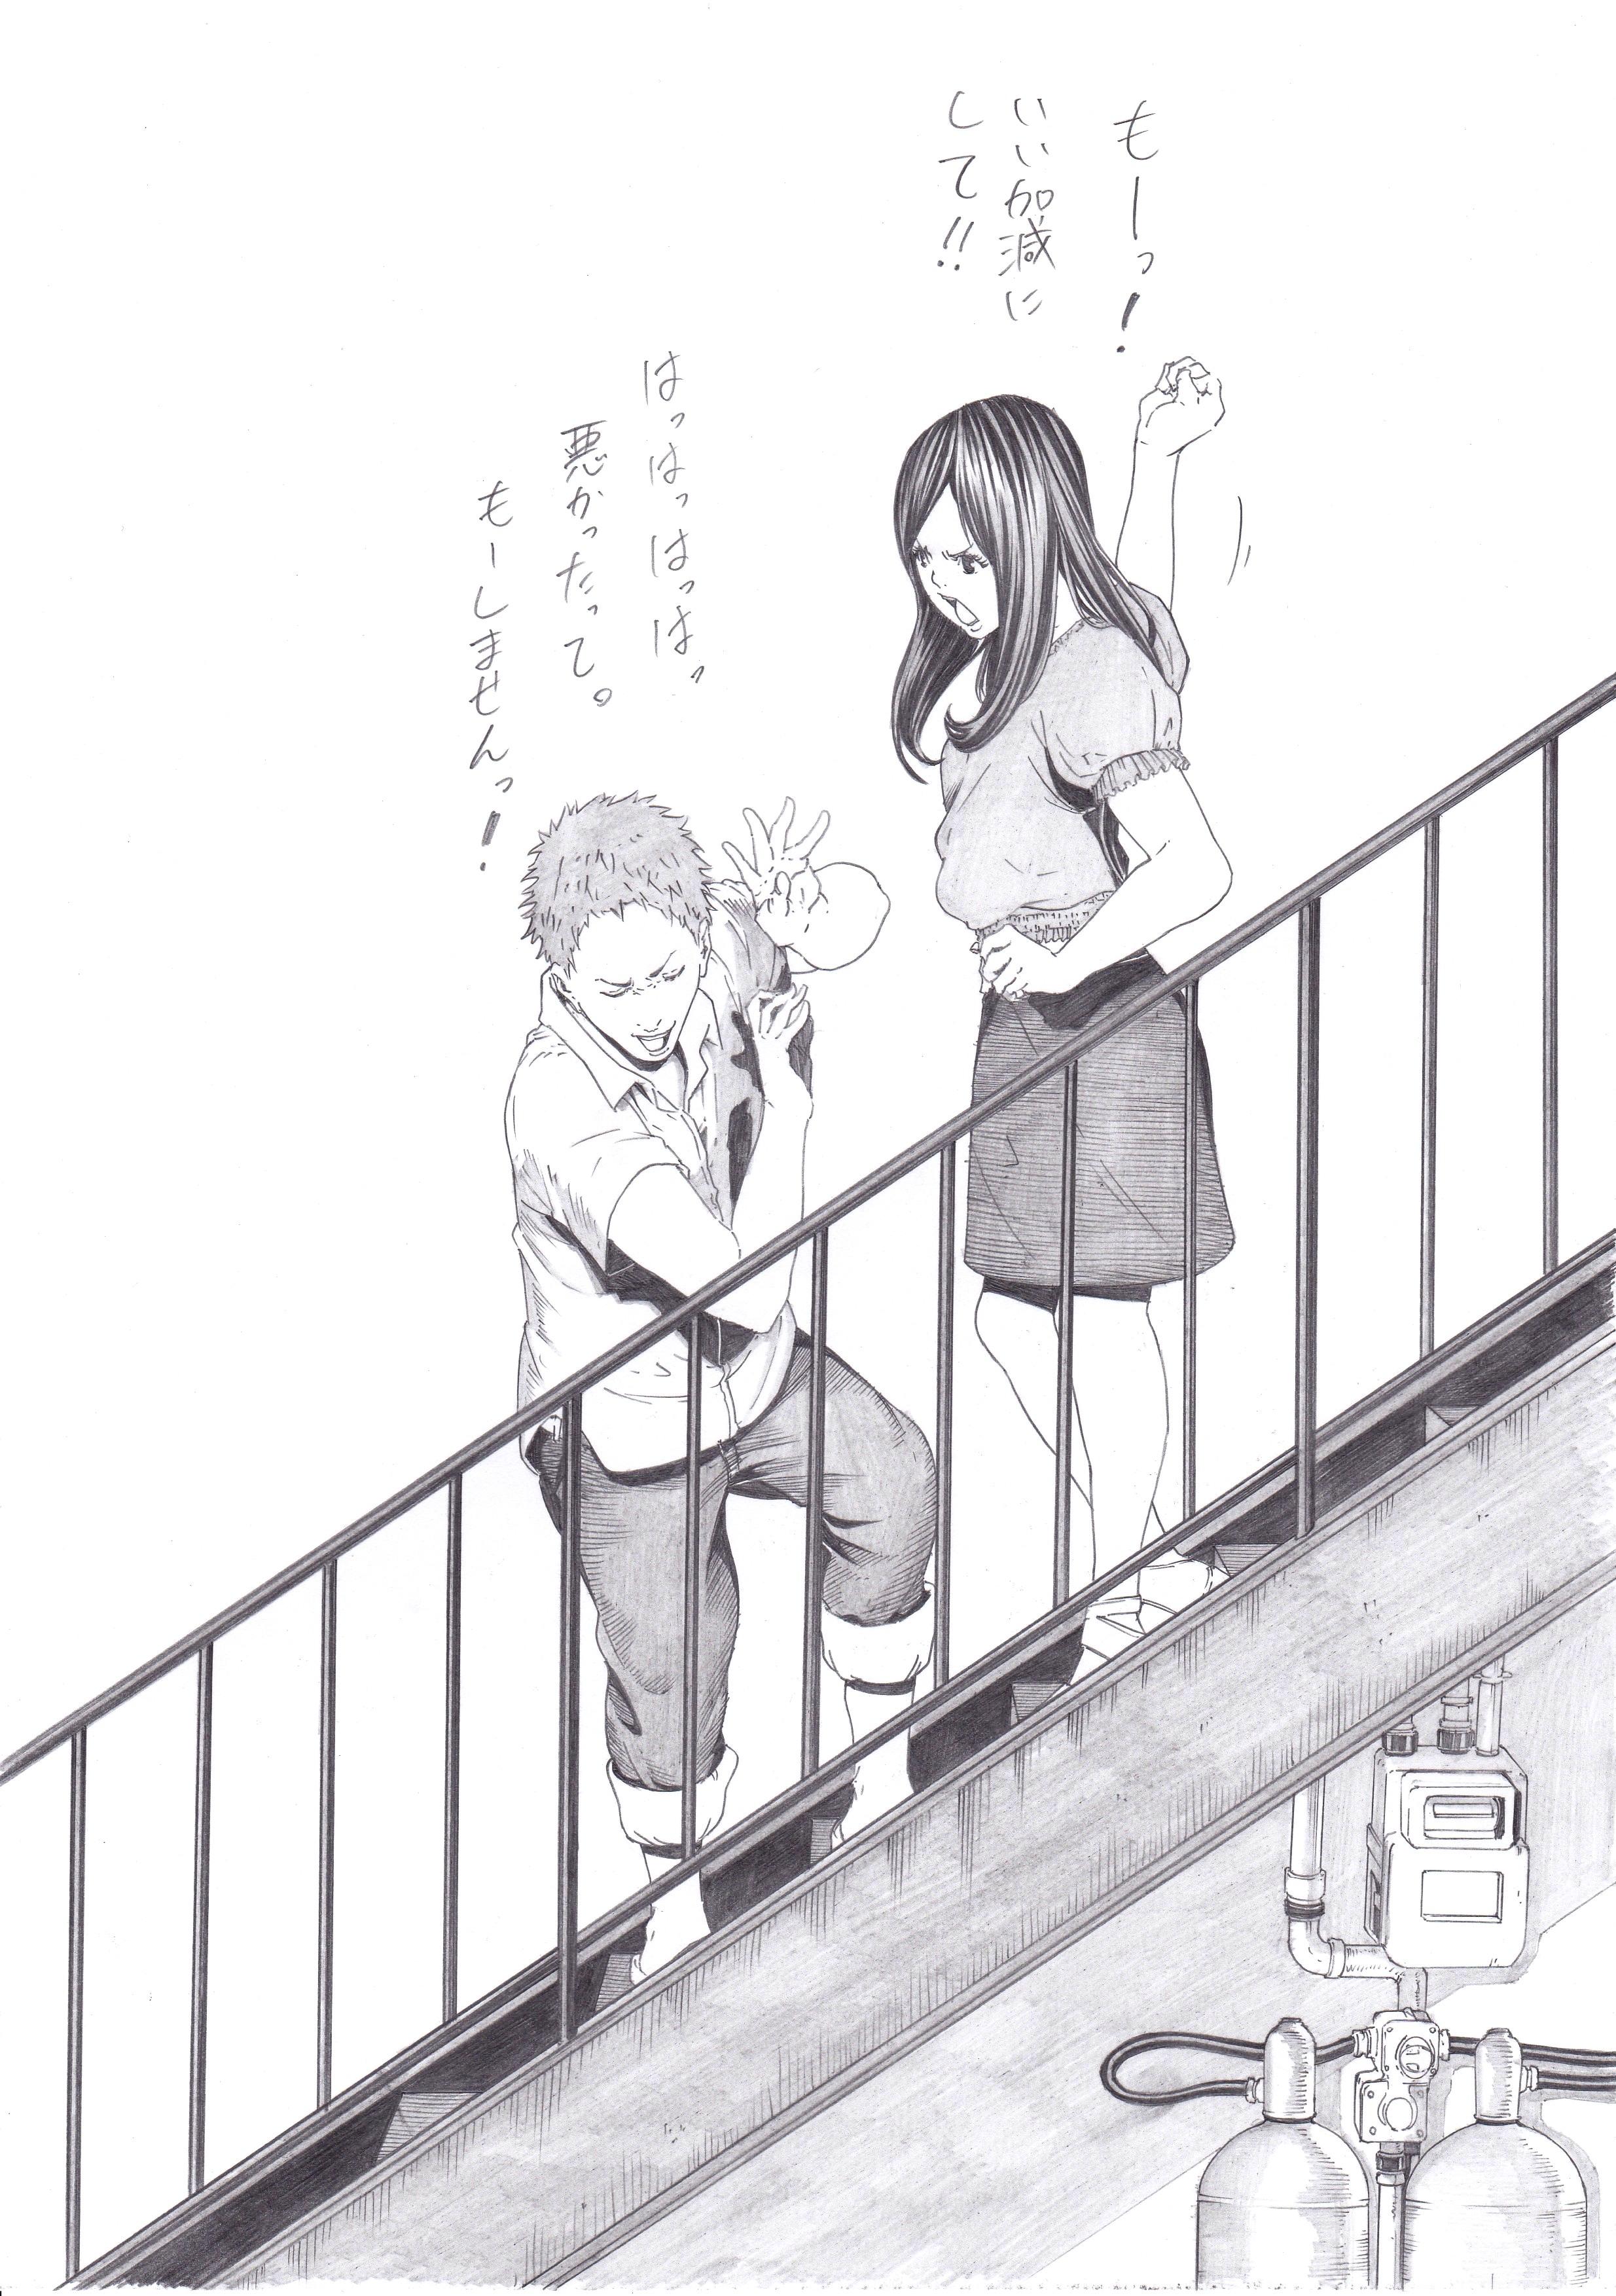 書き下ろしあり】「幸せそうなカップル」をこうして破壊する10選 | 笑う